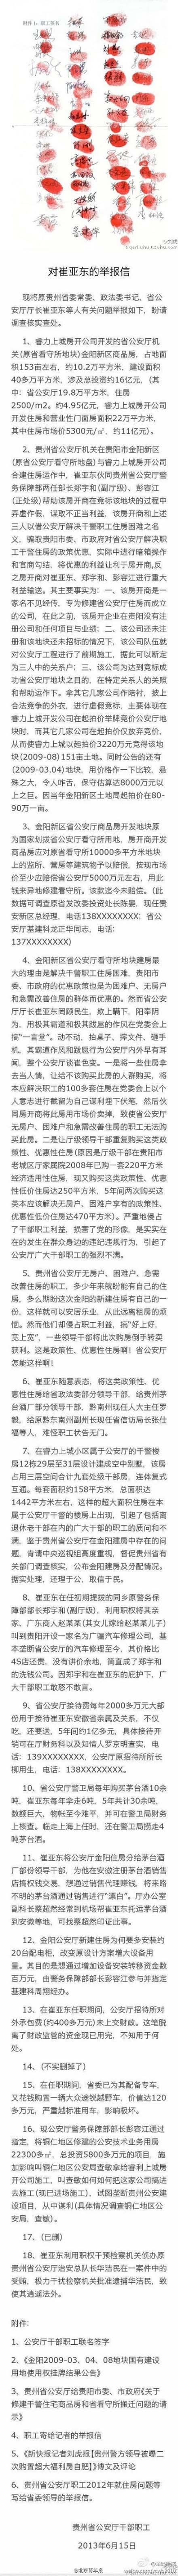 貴州省公安廳70人實名舉報崔亚东举报信全文 - 漂流瓶 - 漂流瓶